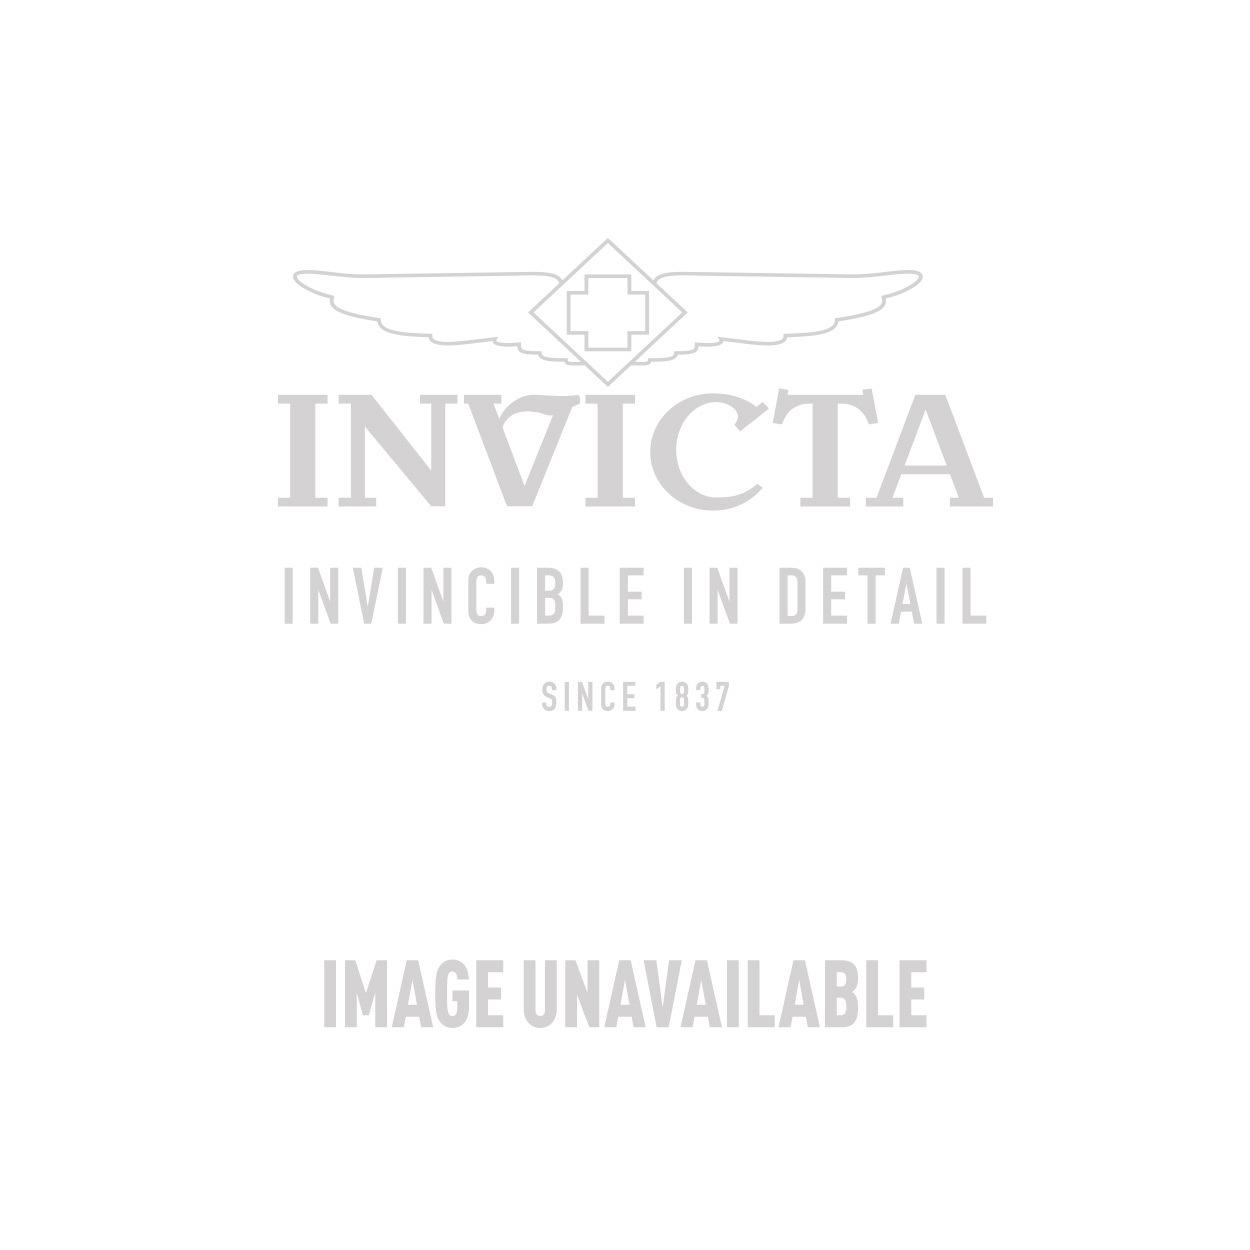 Invicta Model 25580